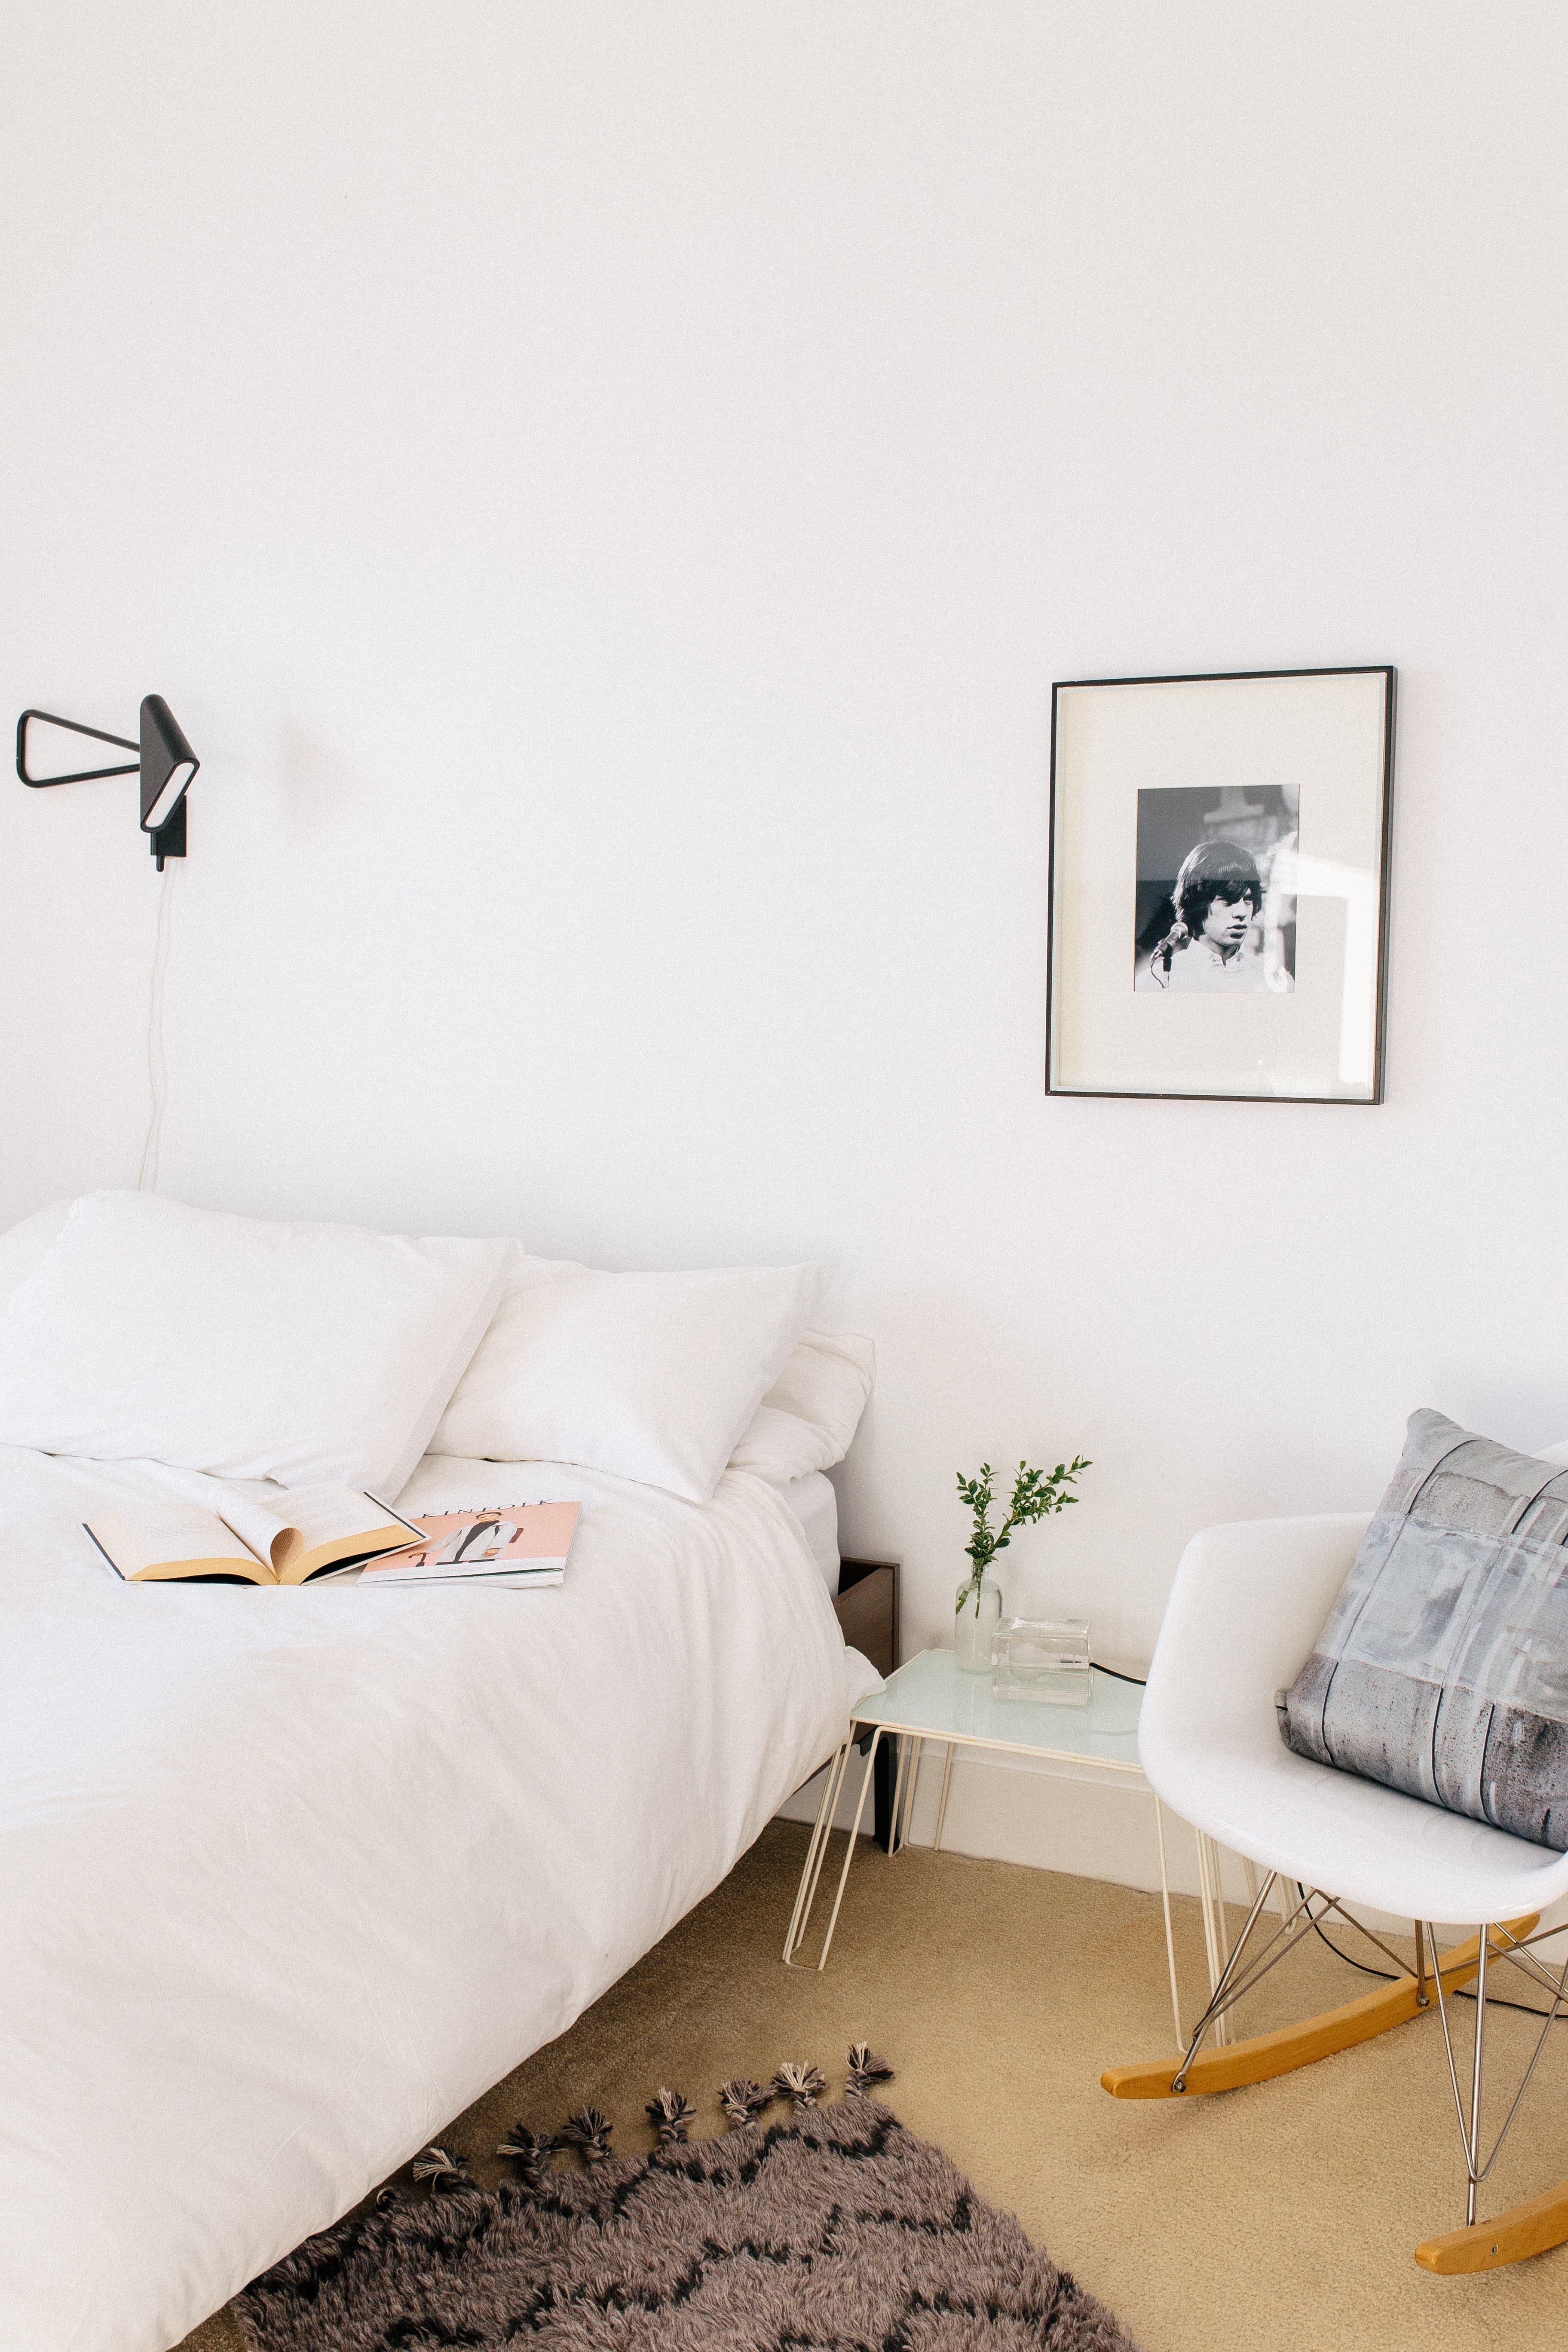 5 Minimalist Bedroom Ideas - How to Use Minimalism in Bedroom